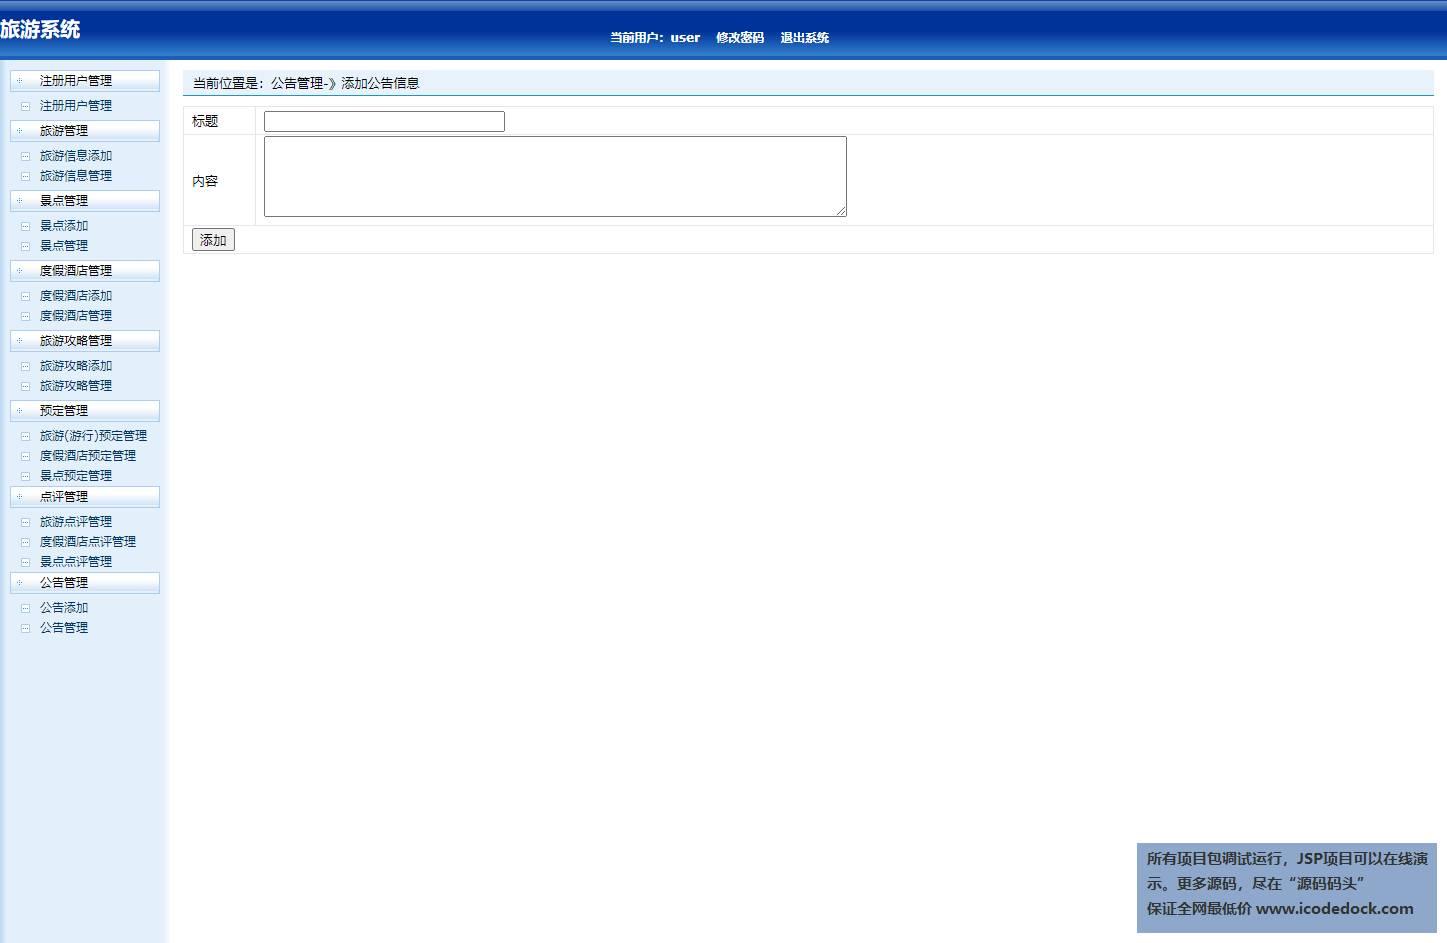 源码码头-SSH实现在线旅游网站-管理员角色-公告管理